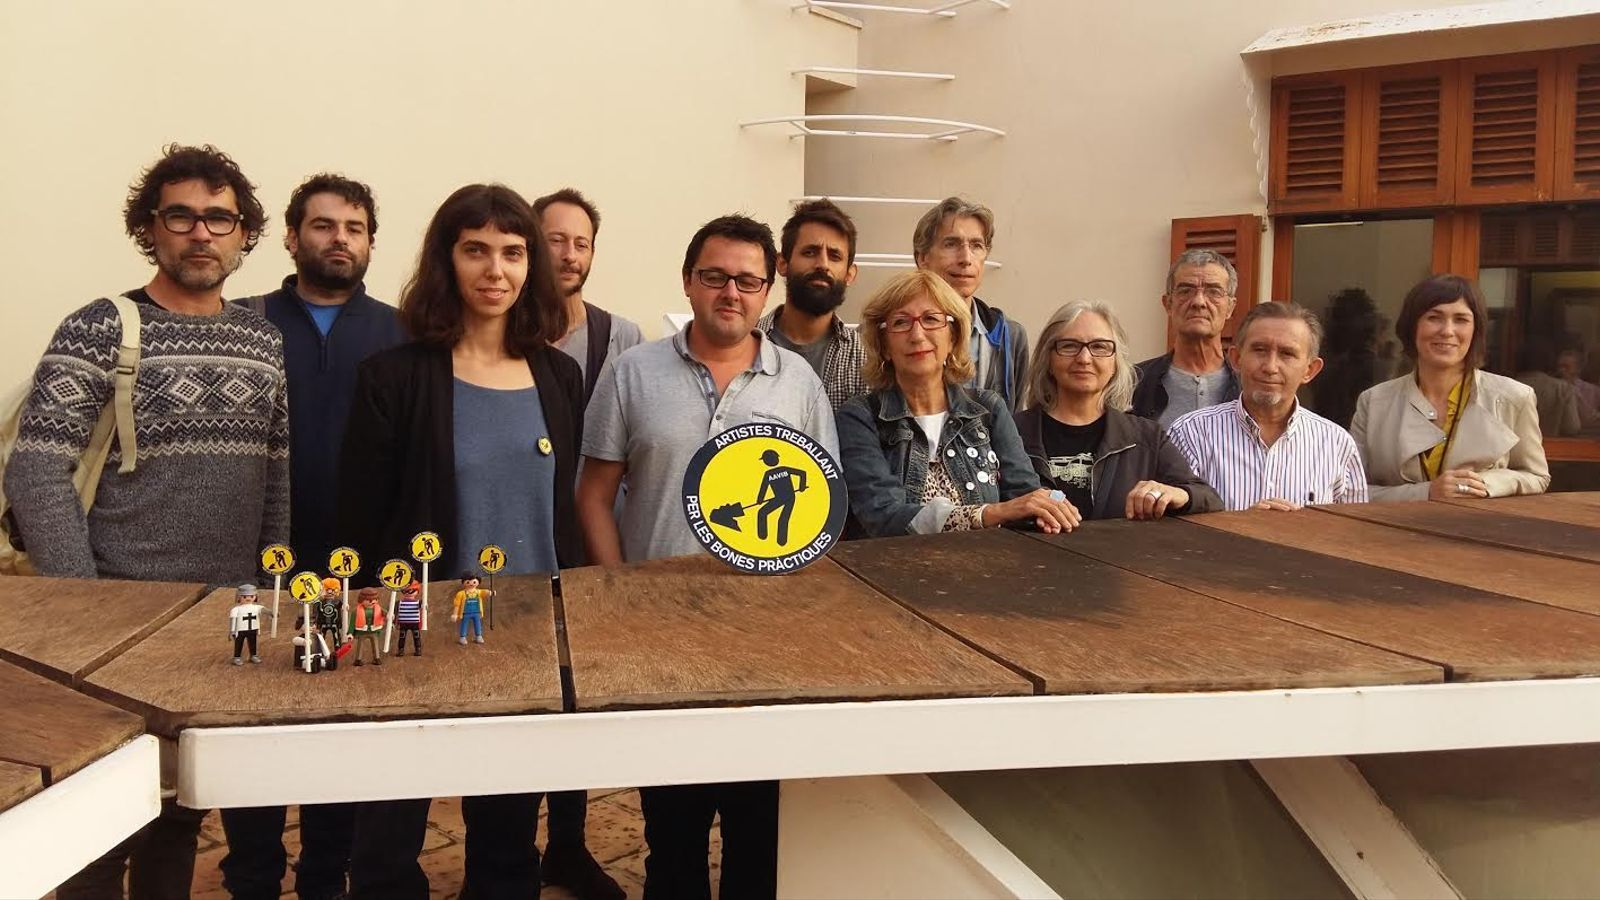 Representants de l'AAVIB amb els representants de l'Ajuntament, encapçalats peregidor de Cultura, Miquel Perelló.